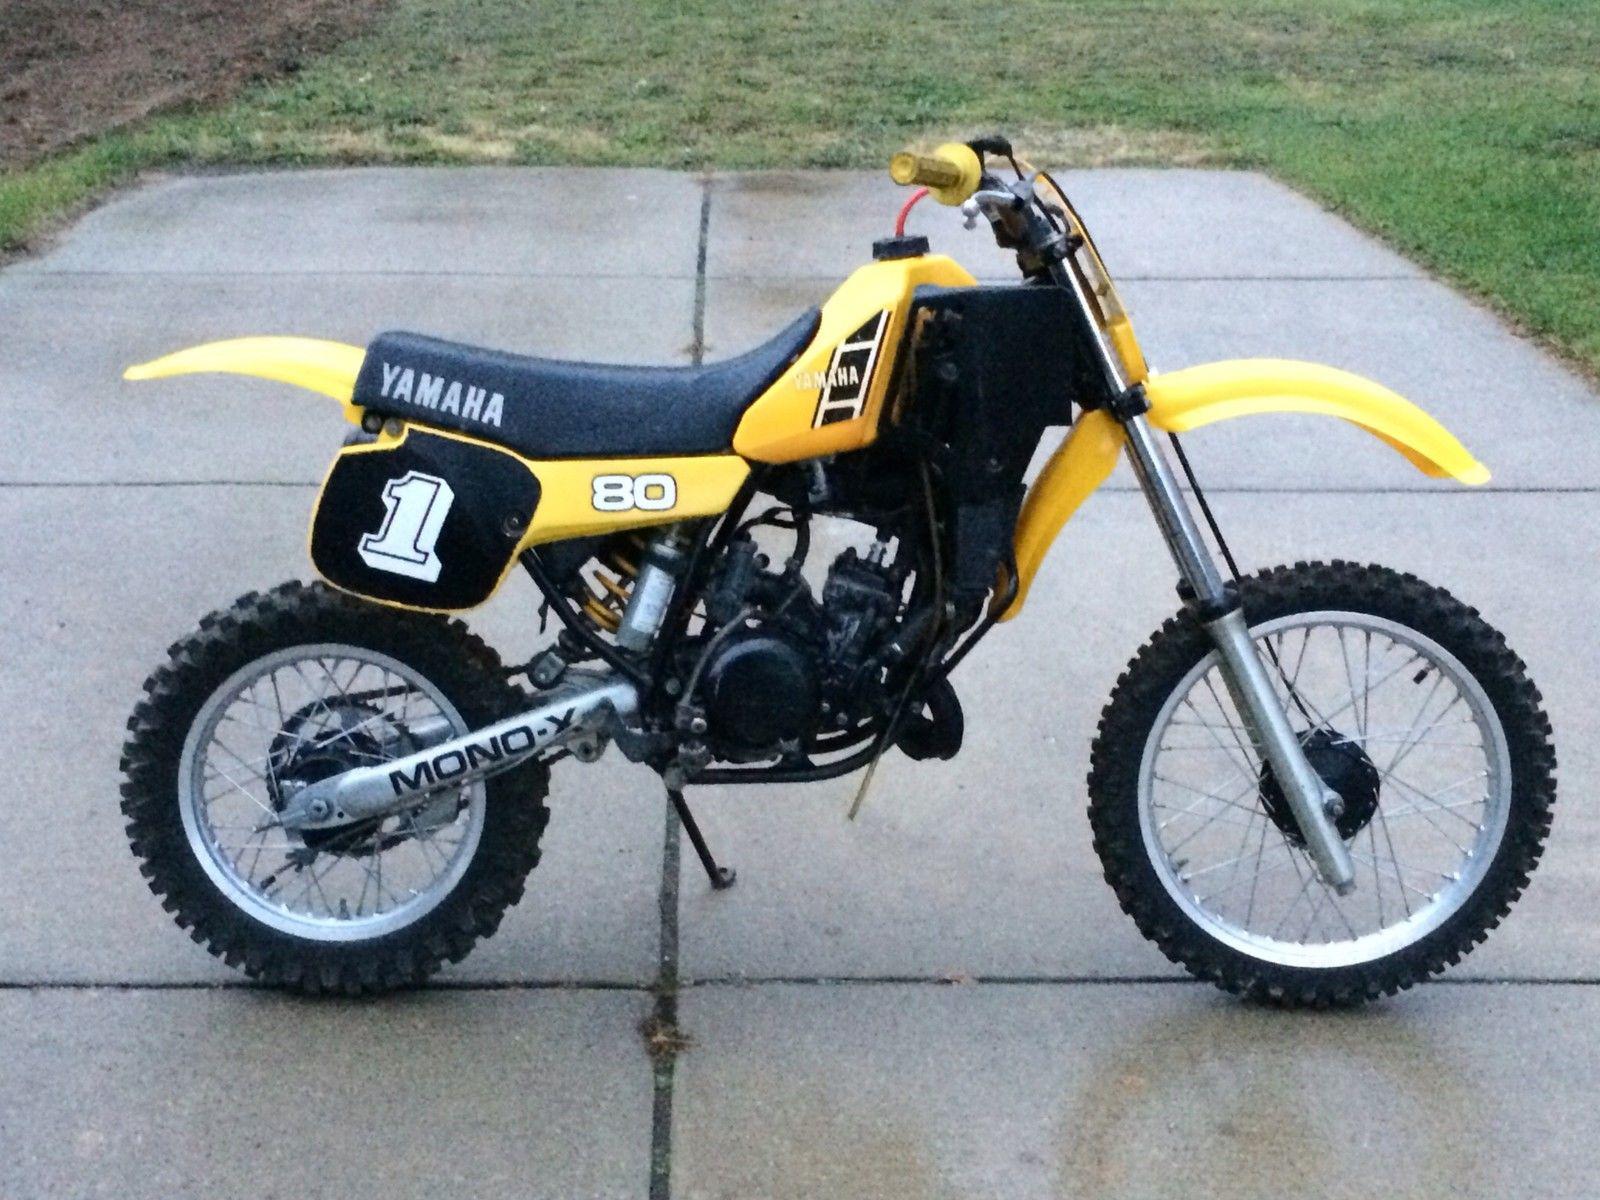 1983 yamaha yz 80 yz80 ahrma vintage mx motocross